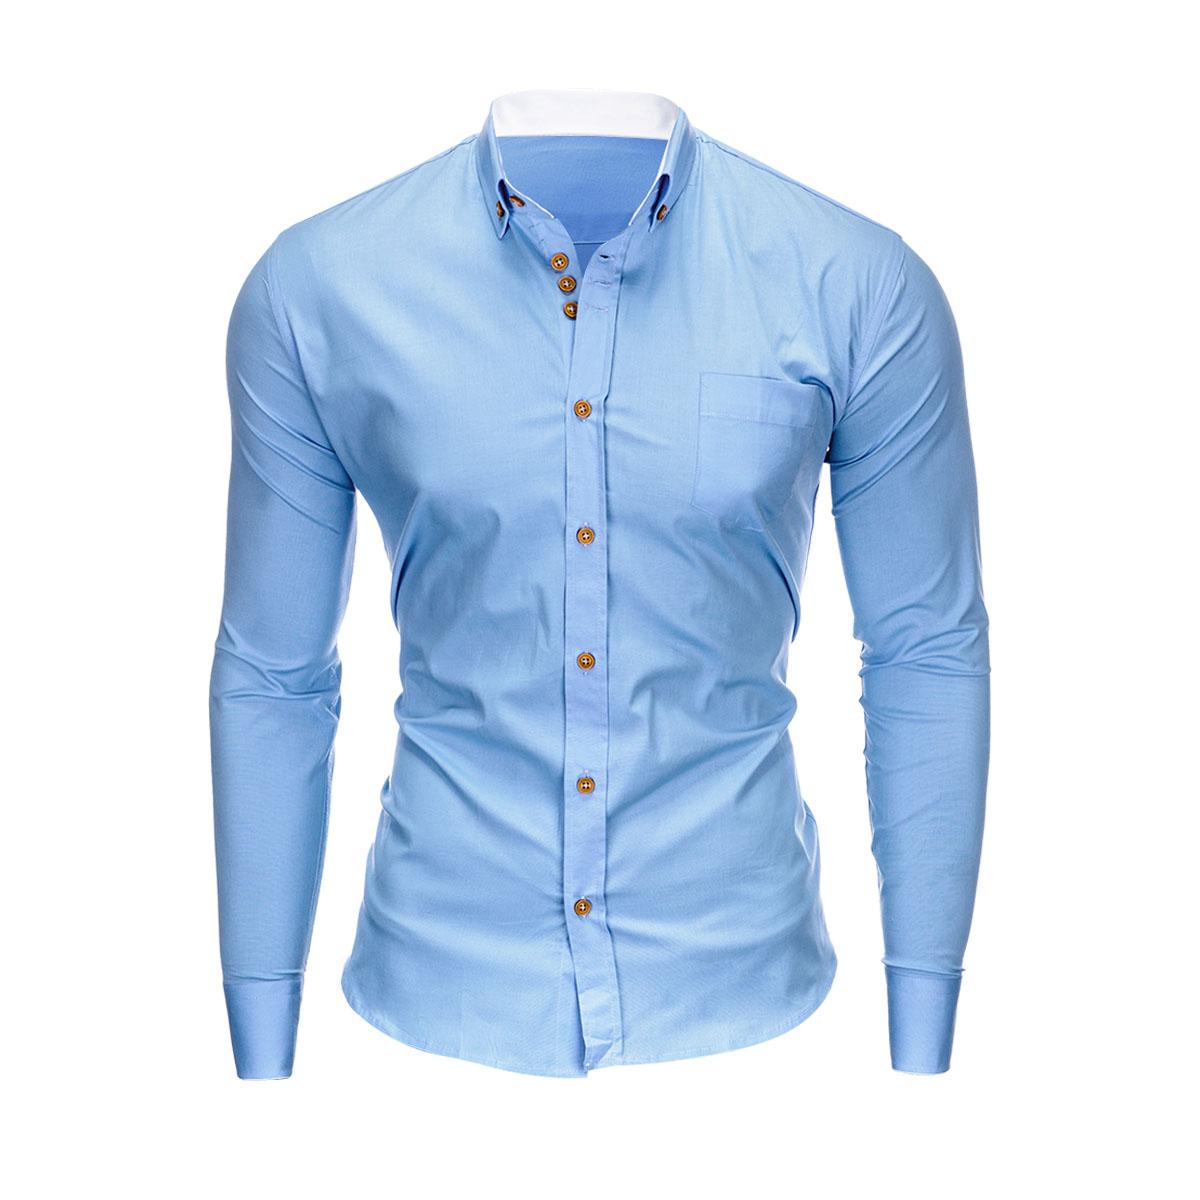 696a39ab652b Ombre Clothing Pánska košeľa slim fit Jude svetlo modrá - Glami.sk